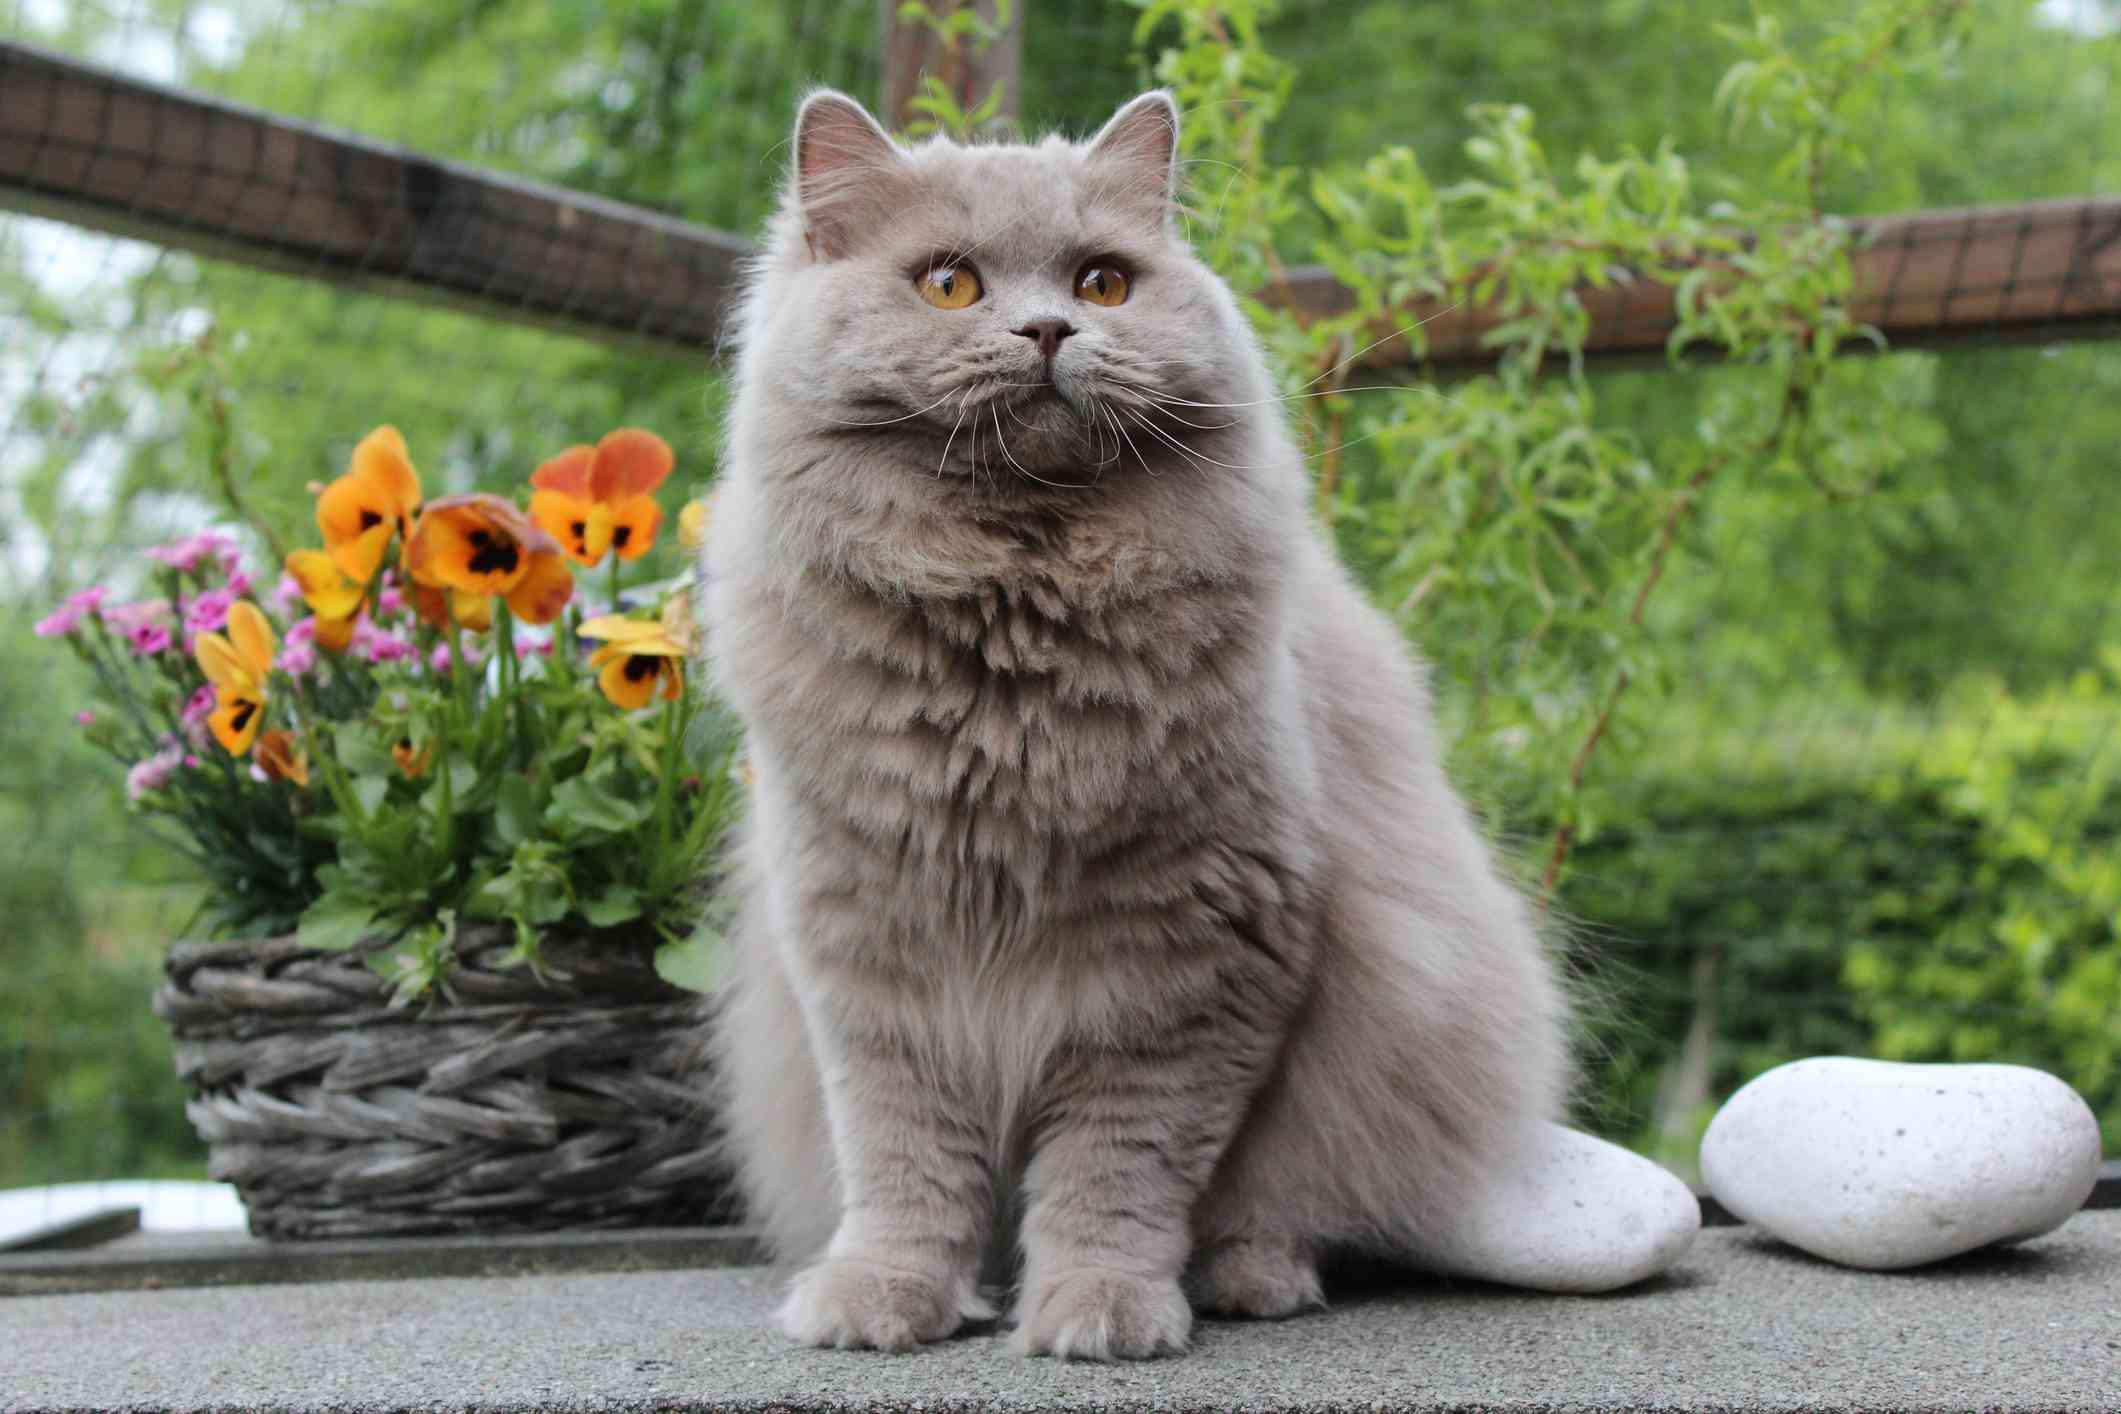 Gato gris británico de pelo largo sentado afuera frente a las flores